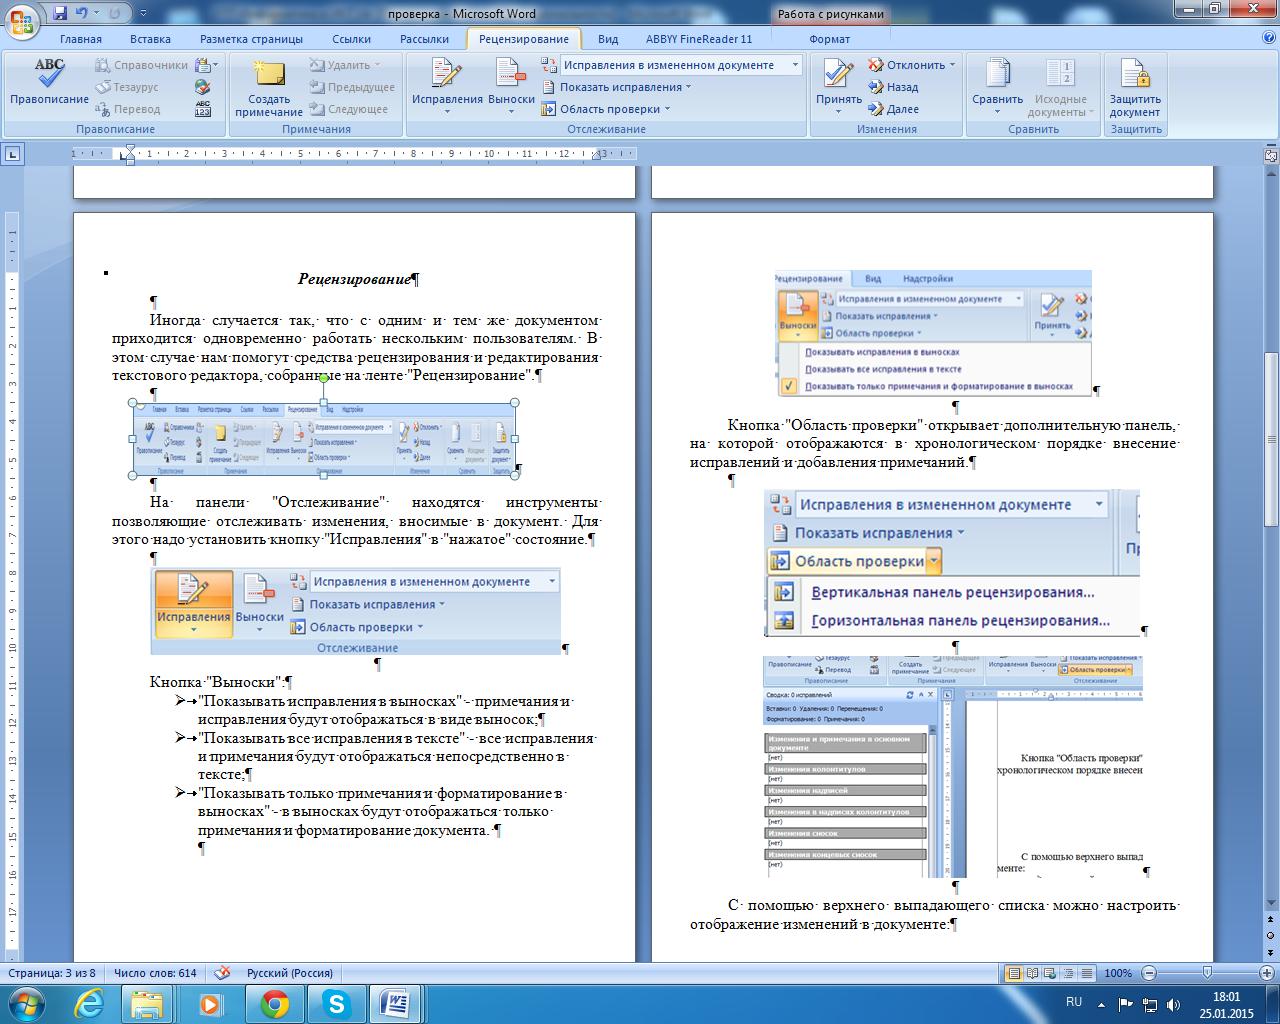 Как сделать чтобы рецензирование не появлялось при открытии документа